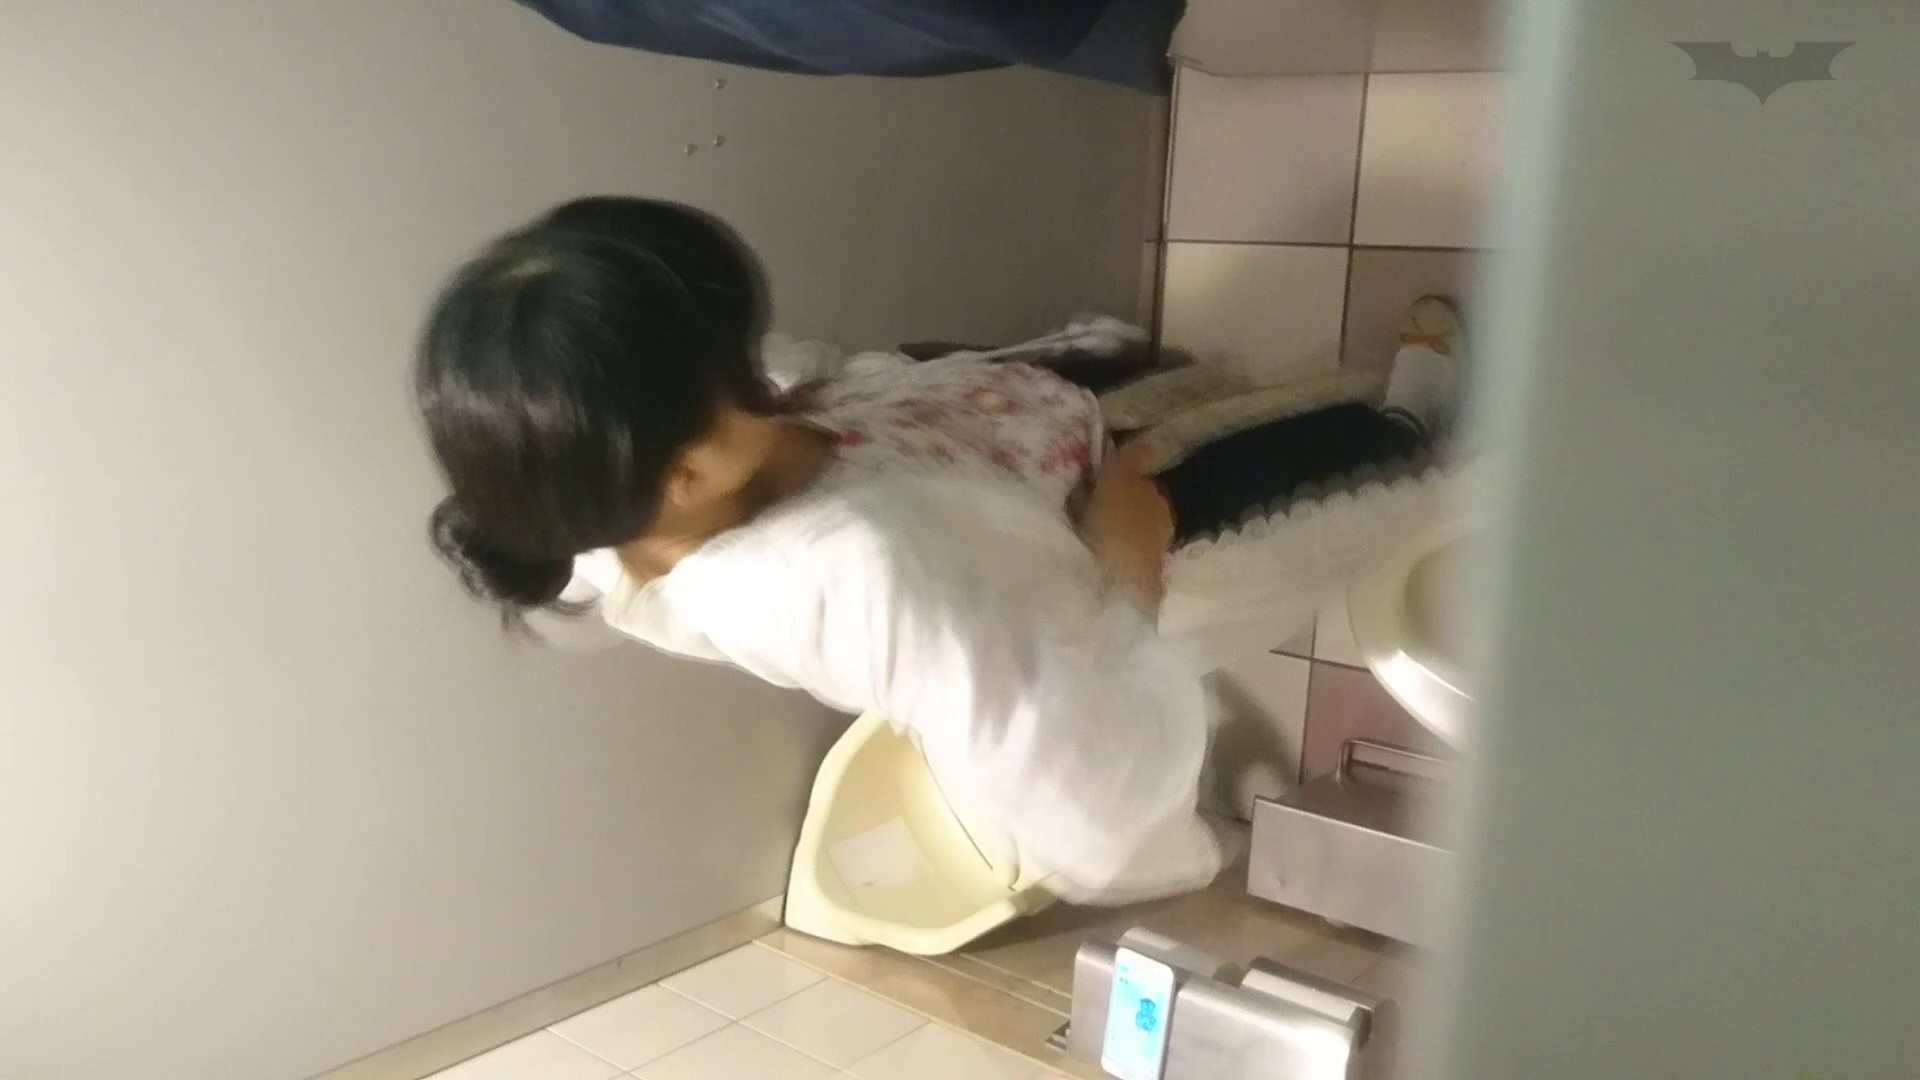 化粧室絵巻 ショッピングモール編 VOL.25 洗面所のぞき おめこ無修正動画無料 94枚 15